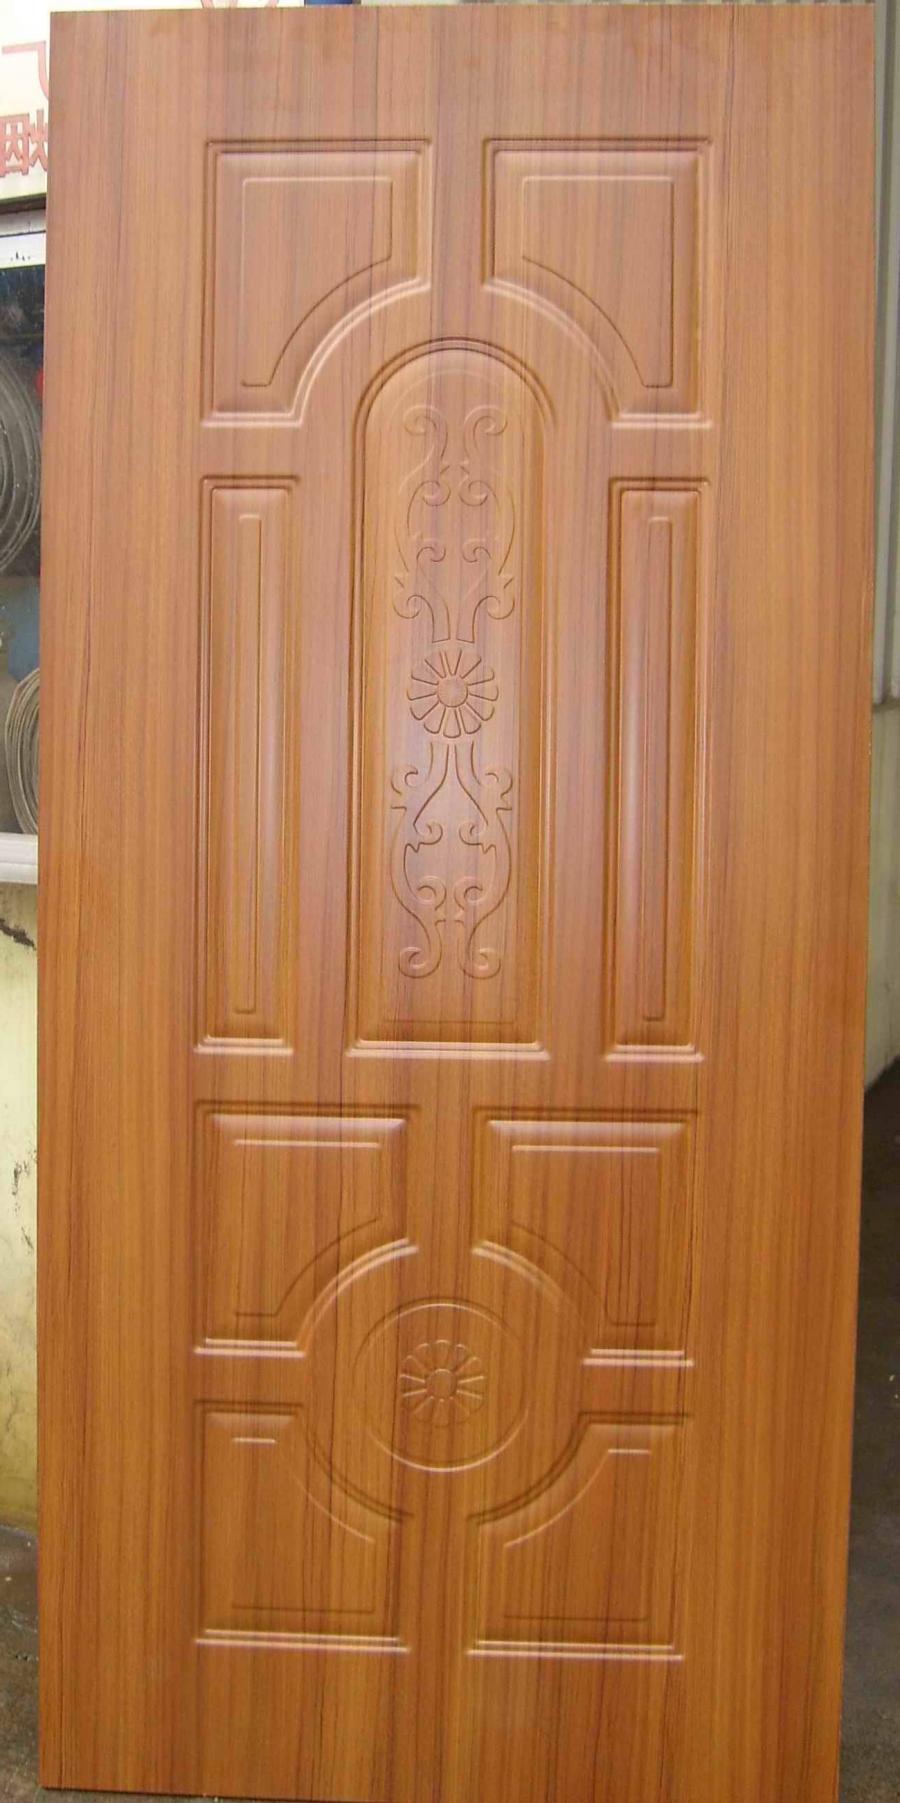 Melamine MDF/HDF door skin--Water resistant, scratch resistant,...